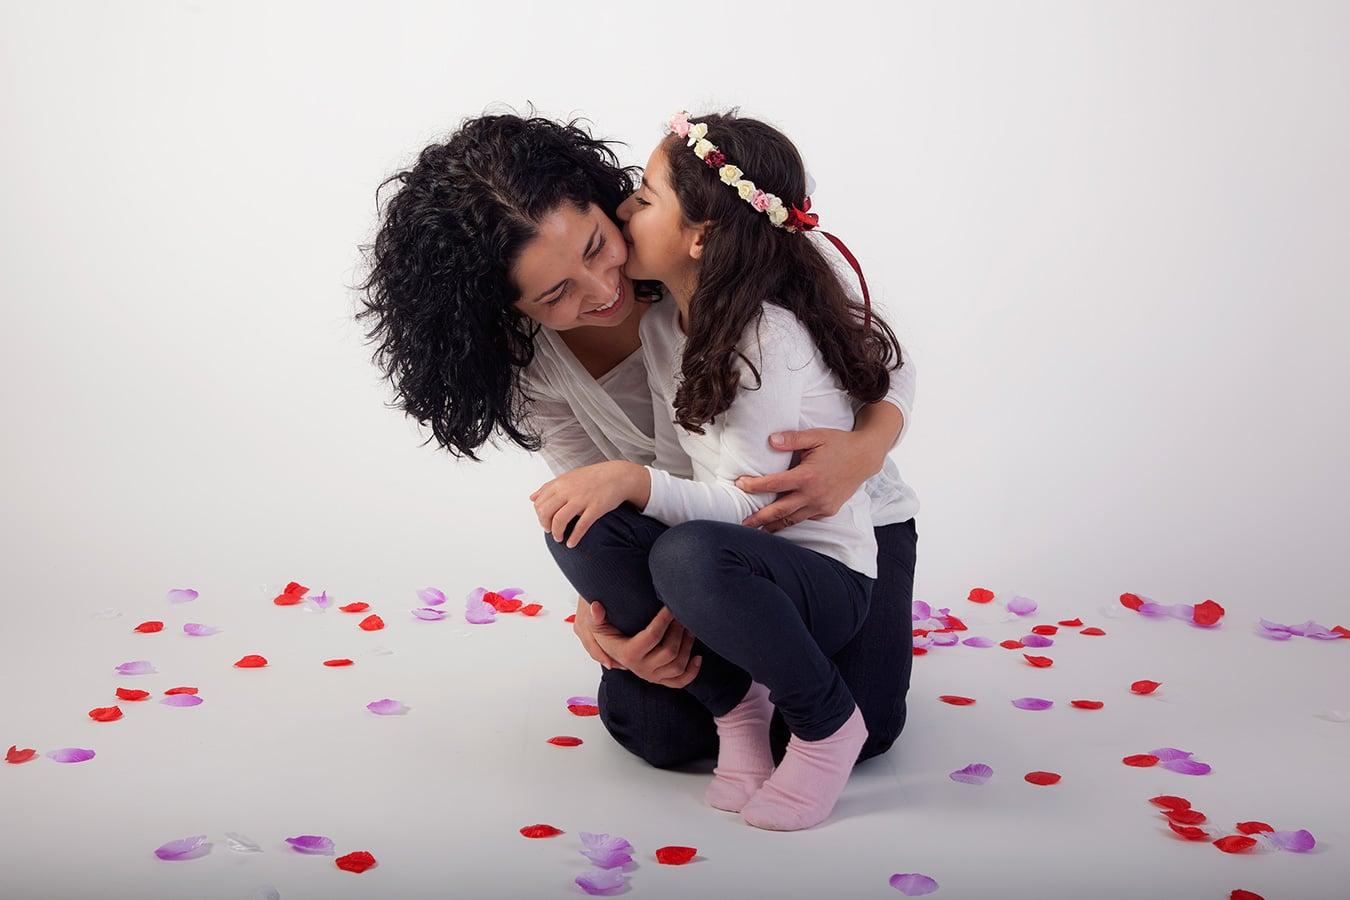 אמא-בת ומה שביניהן